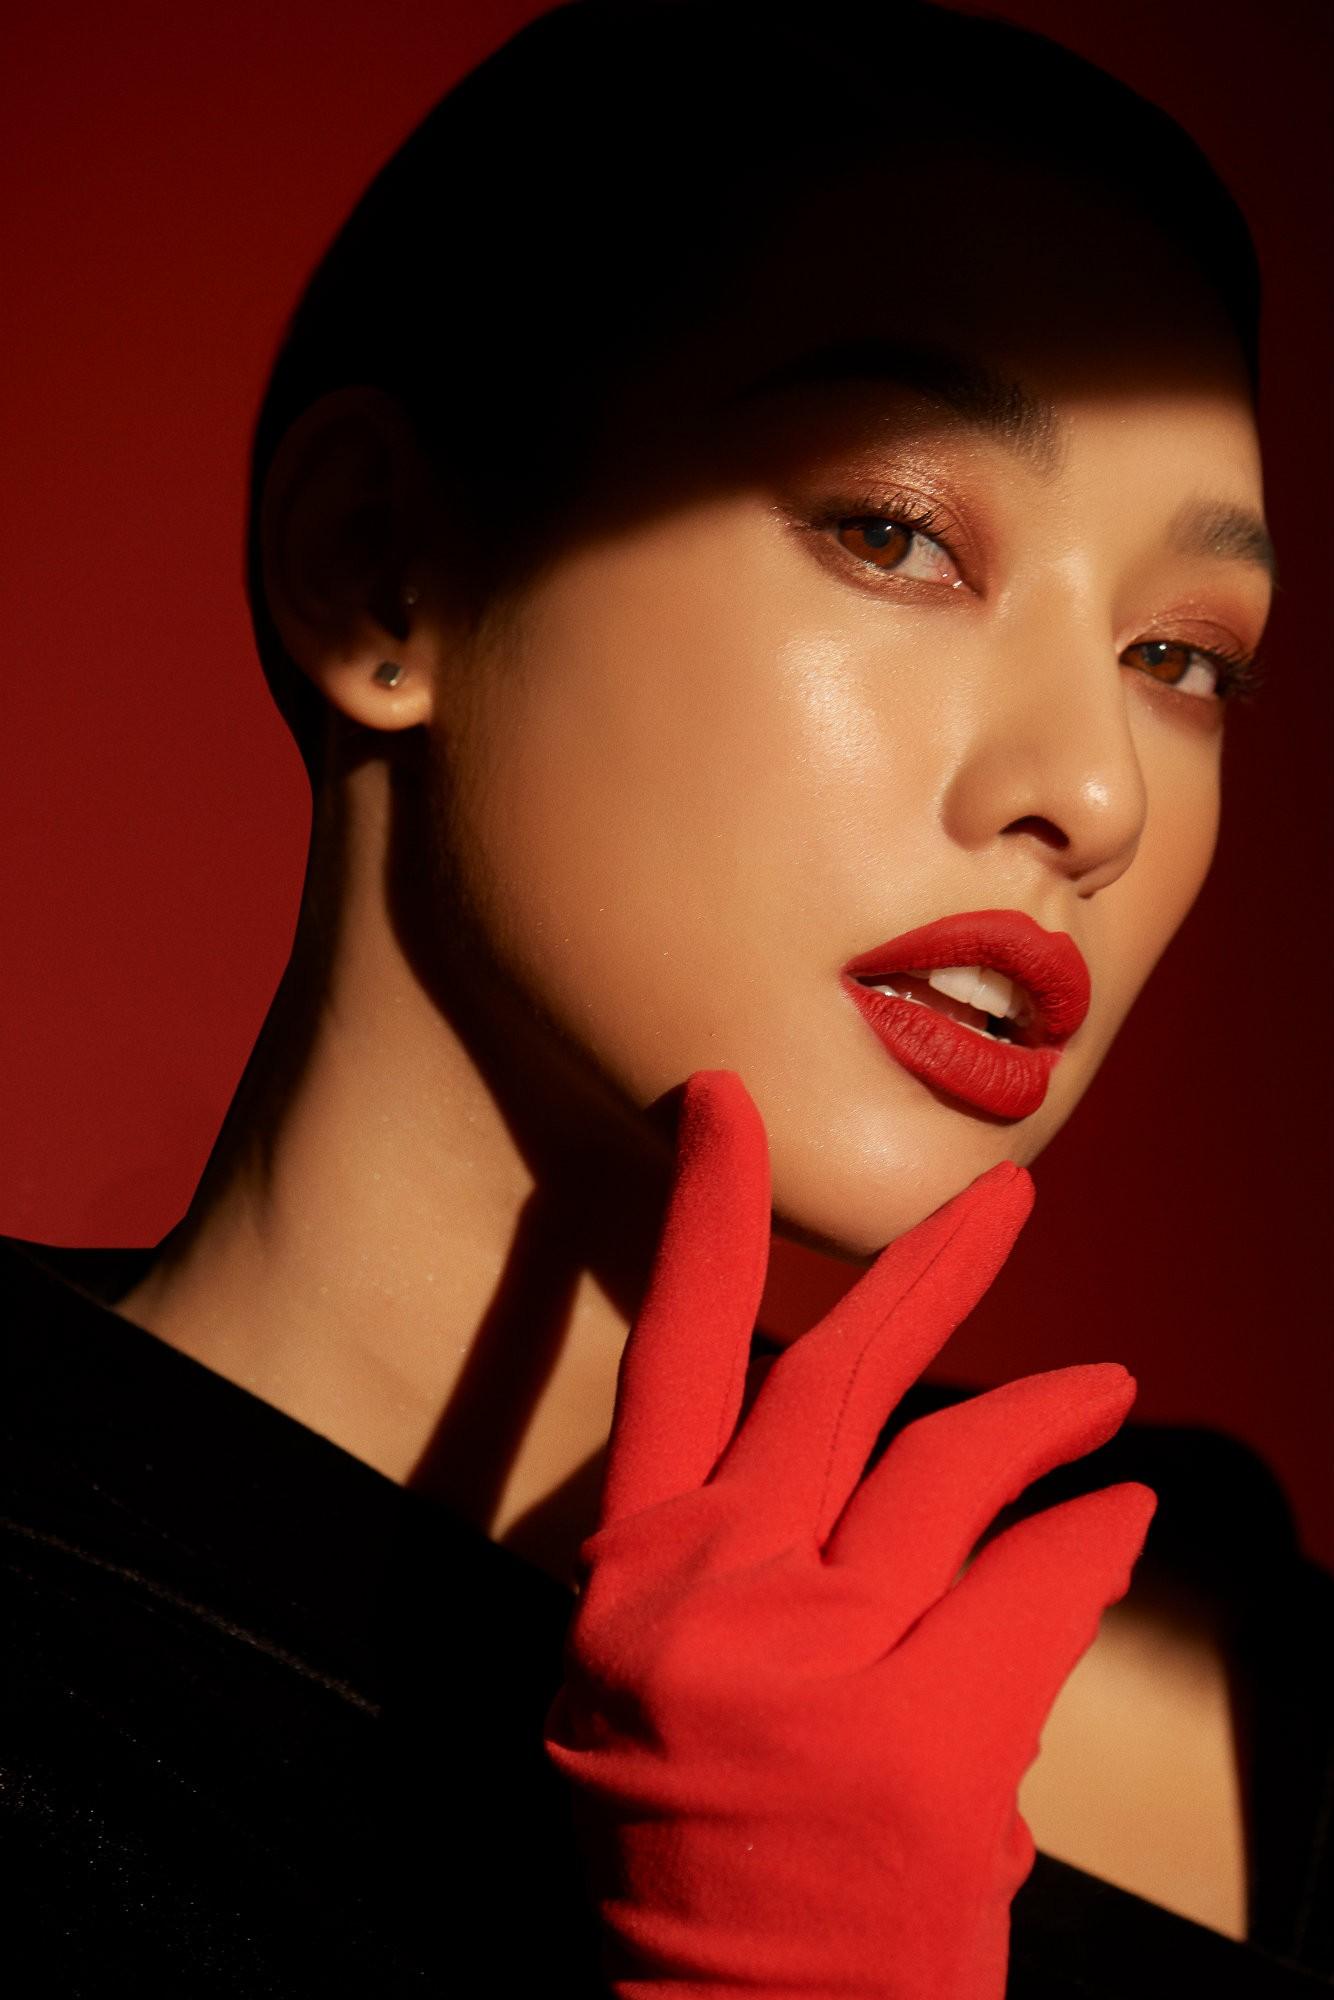 """Luôn là màu son kinh điển nhất trong tất cả các sắc son, son đỏ dù với sắc độ nào đi chăng nữa cũng làm người dùng đến cả người xem """"mê mệt"""".Đỏ luôn là gam màu khiến cho phái đẹp mê mẩn và trong việc make-up cũng vậy, sắc đỏ không chỉ mang lại nét quyến rũ mà các màu son đỏ cũng cực """"nịnh"""" da."""